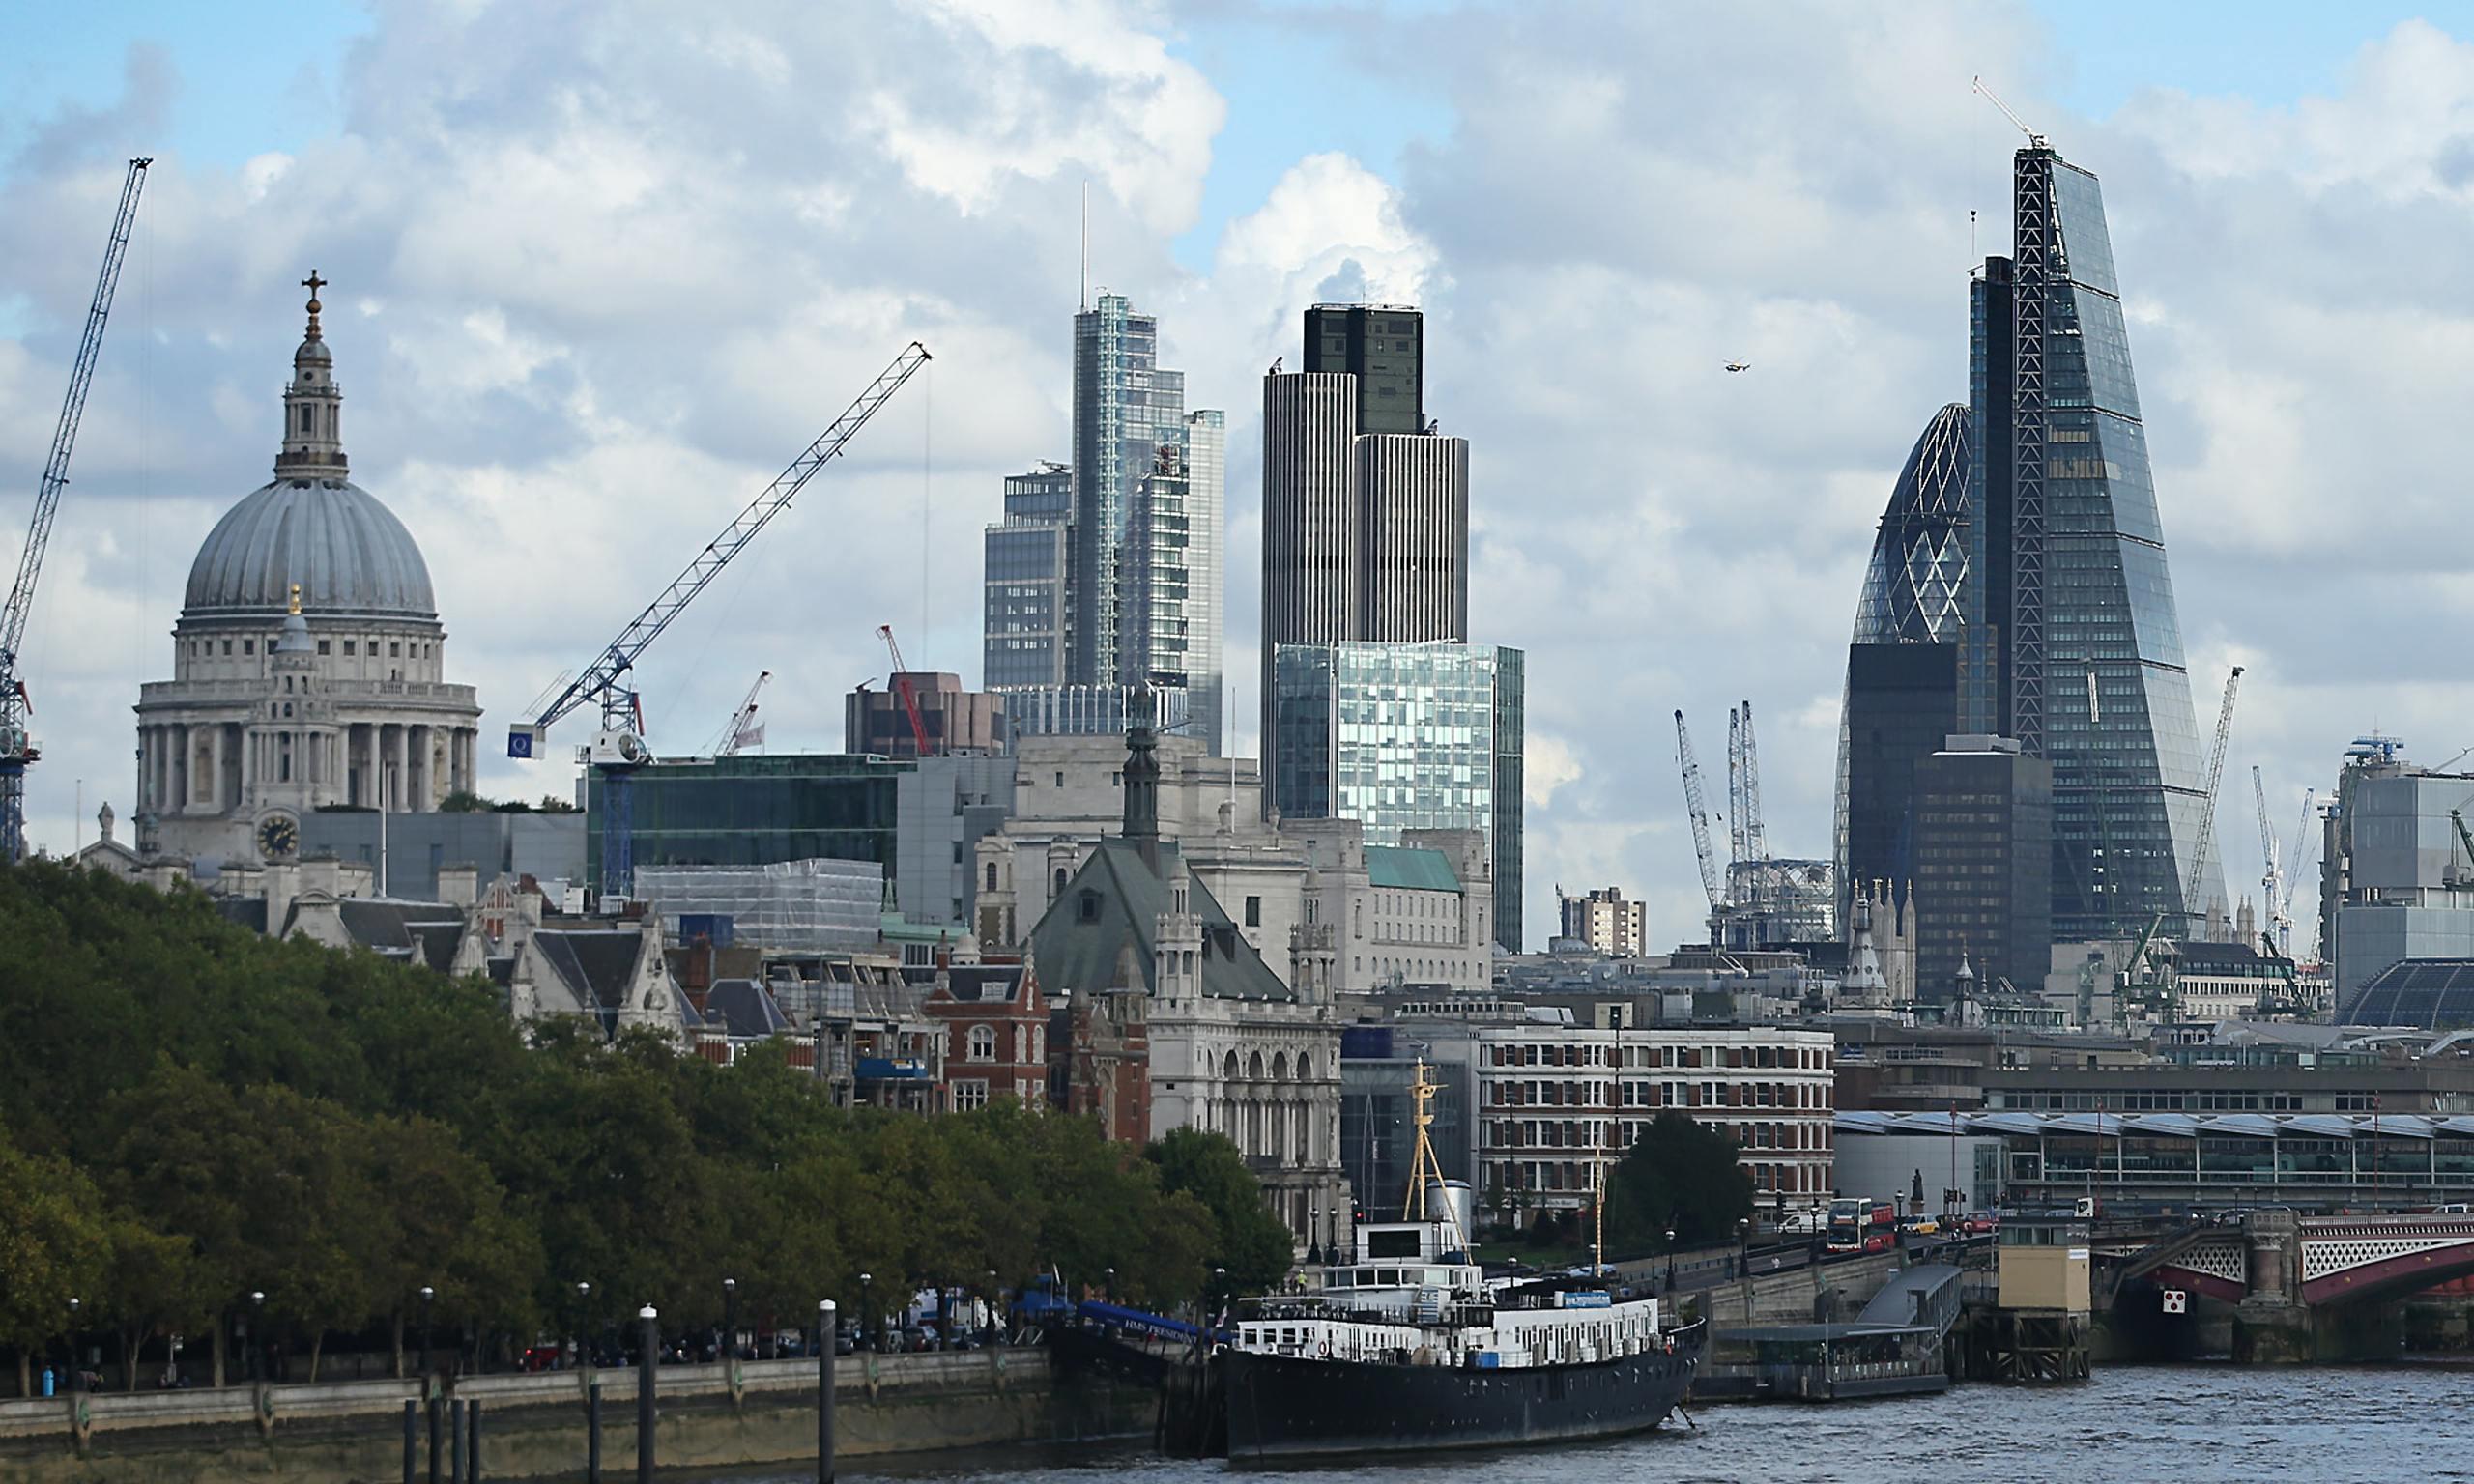 london skyline skyscrapers skyscraper cities craze construction globe campaigners fight save guardian pond across